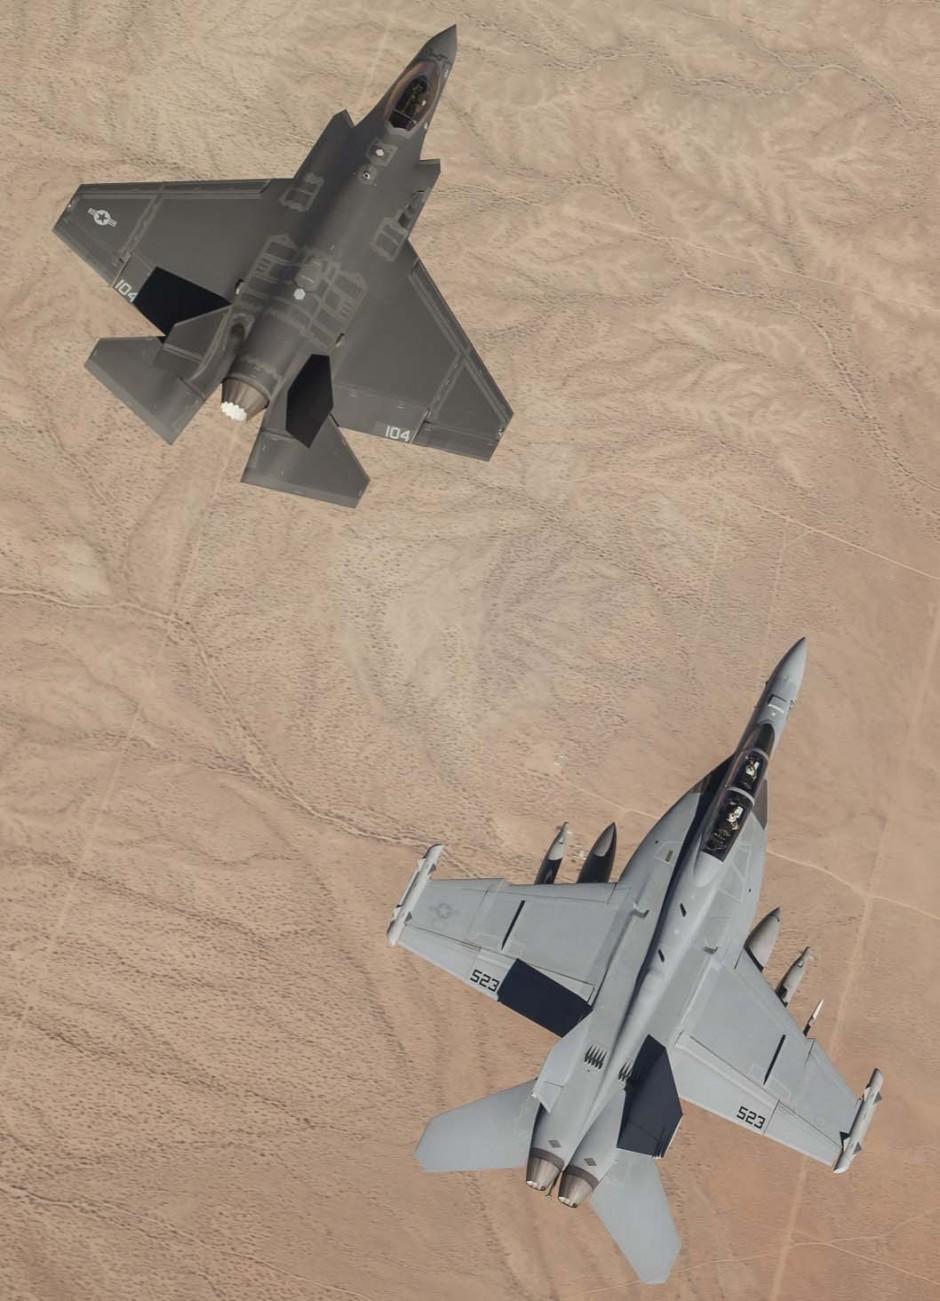 F-35C e Super Hornet sobre o deserto de Mojave - foto USN